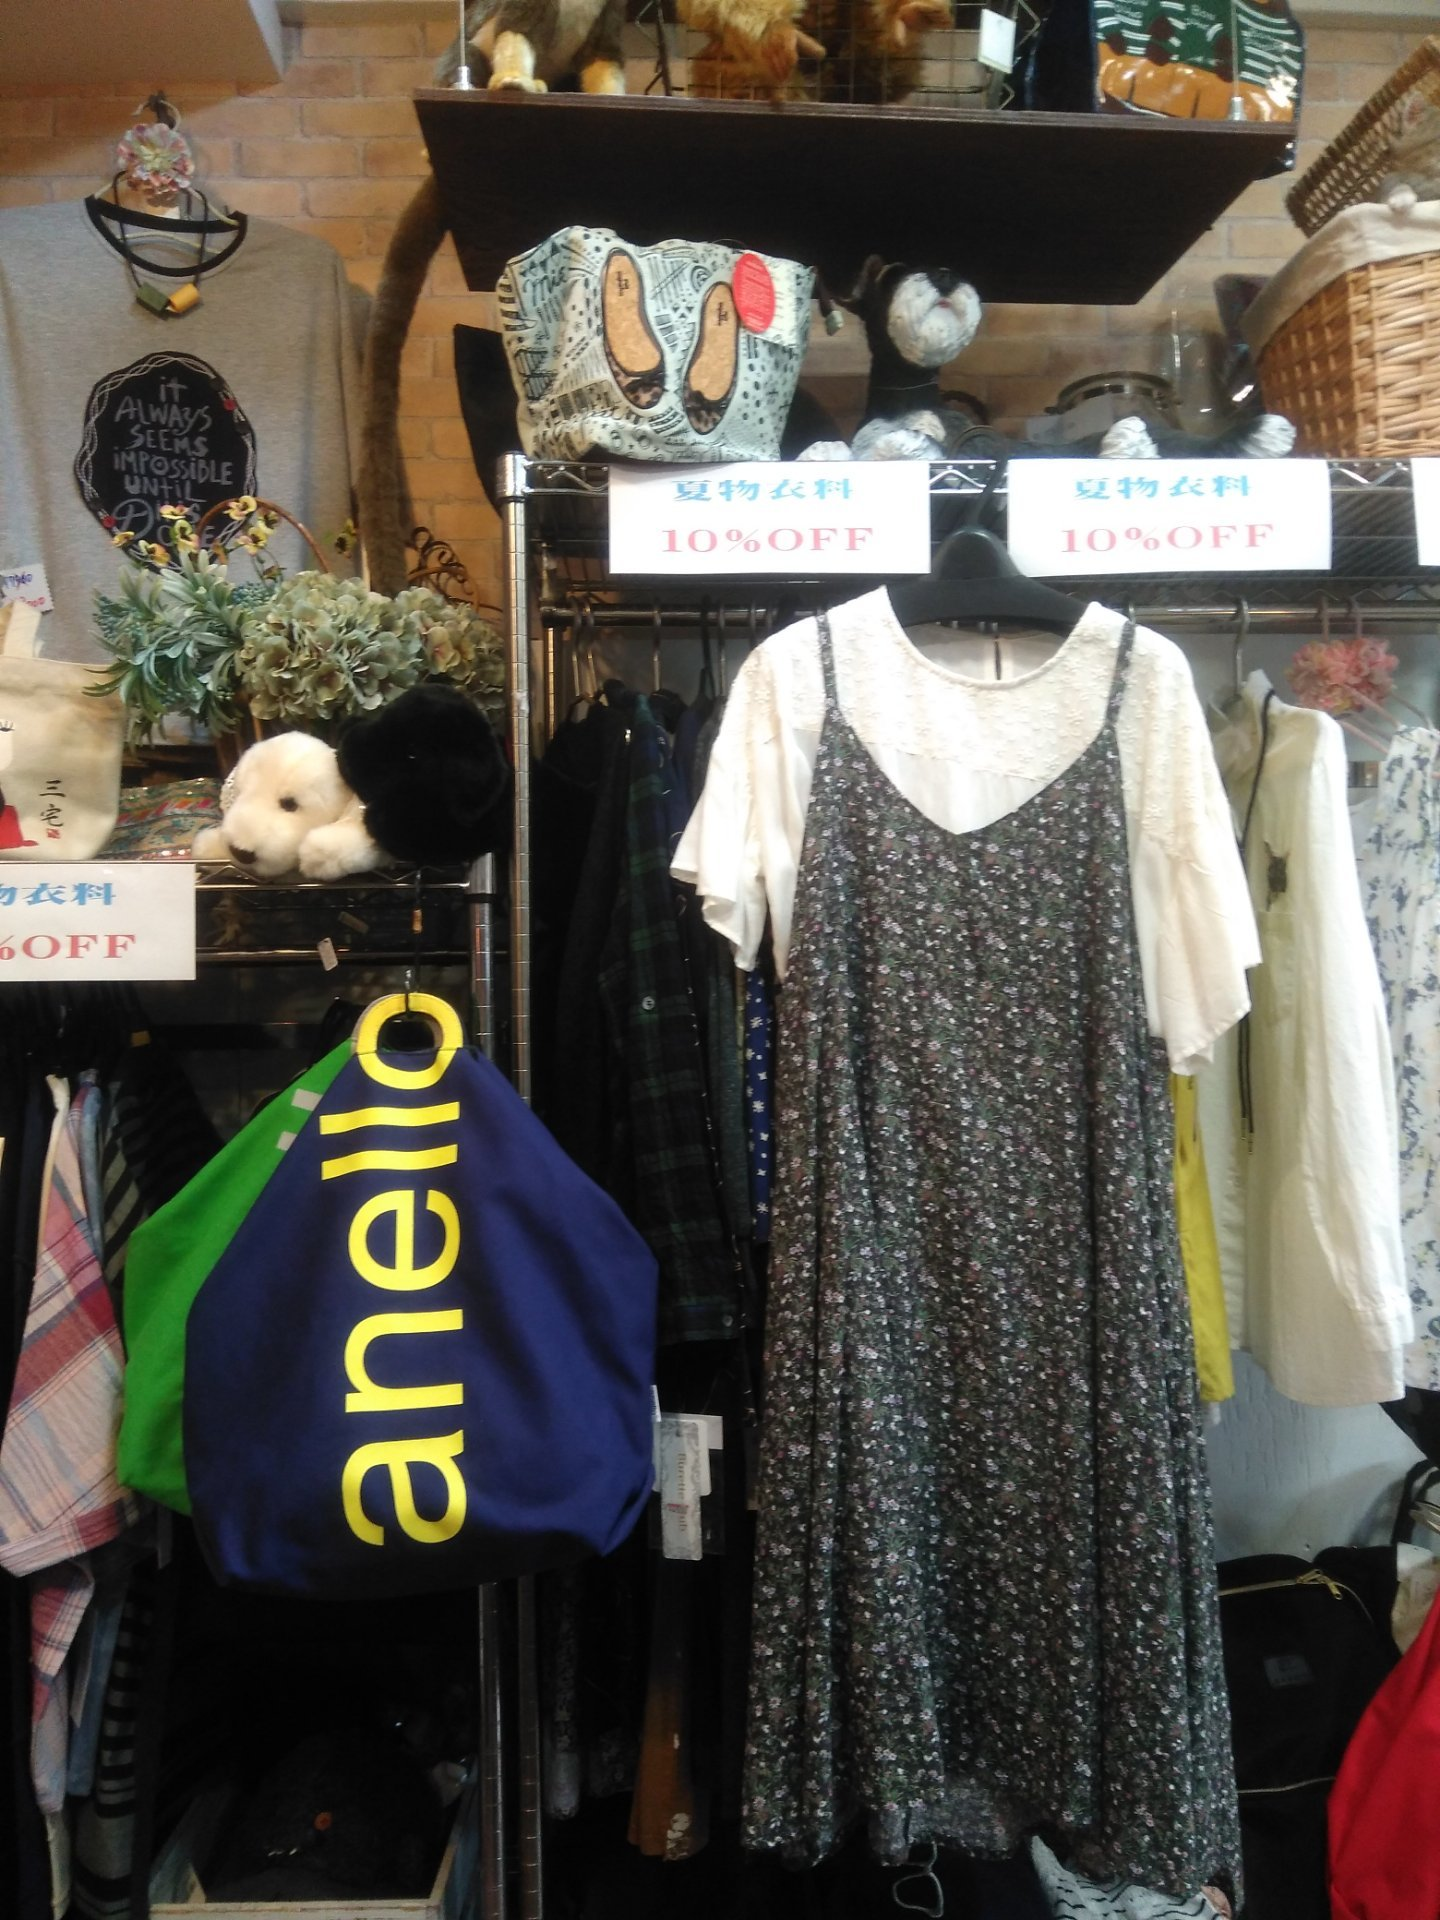 雑貨店 夏物衣料 10%OFF_a0286901_15171551.jpg